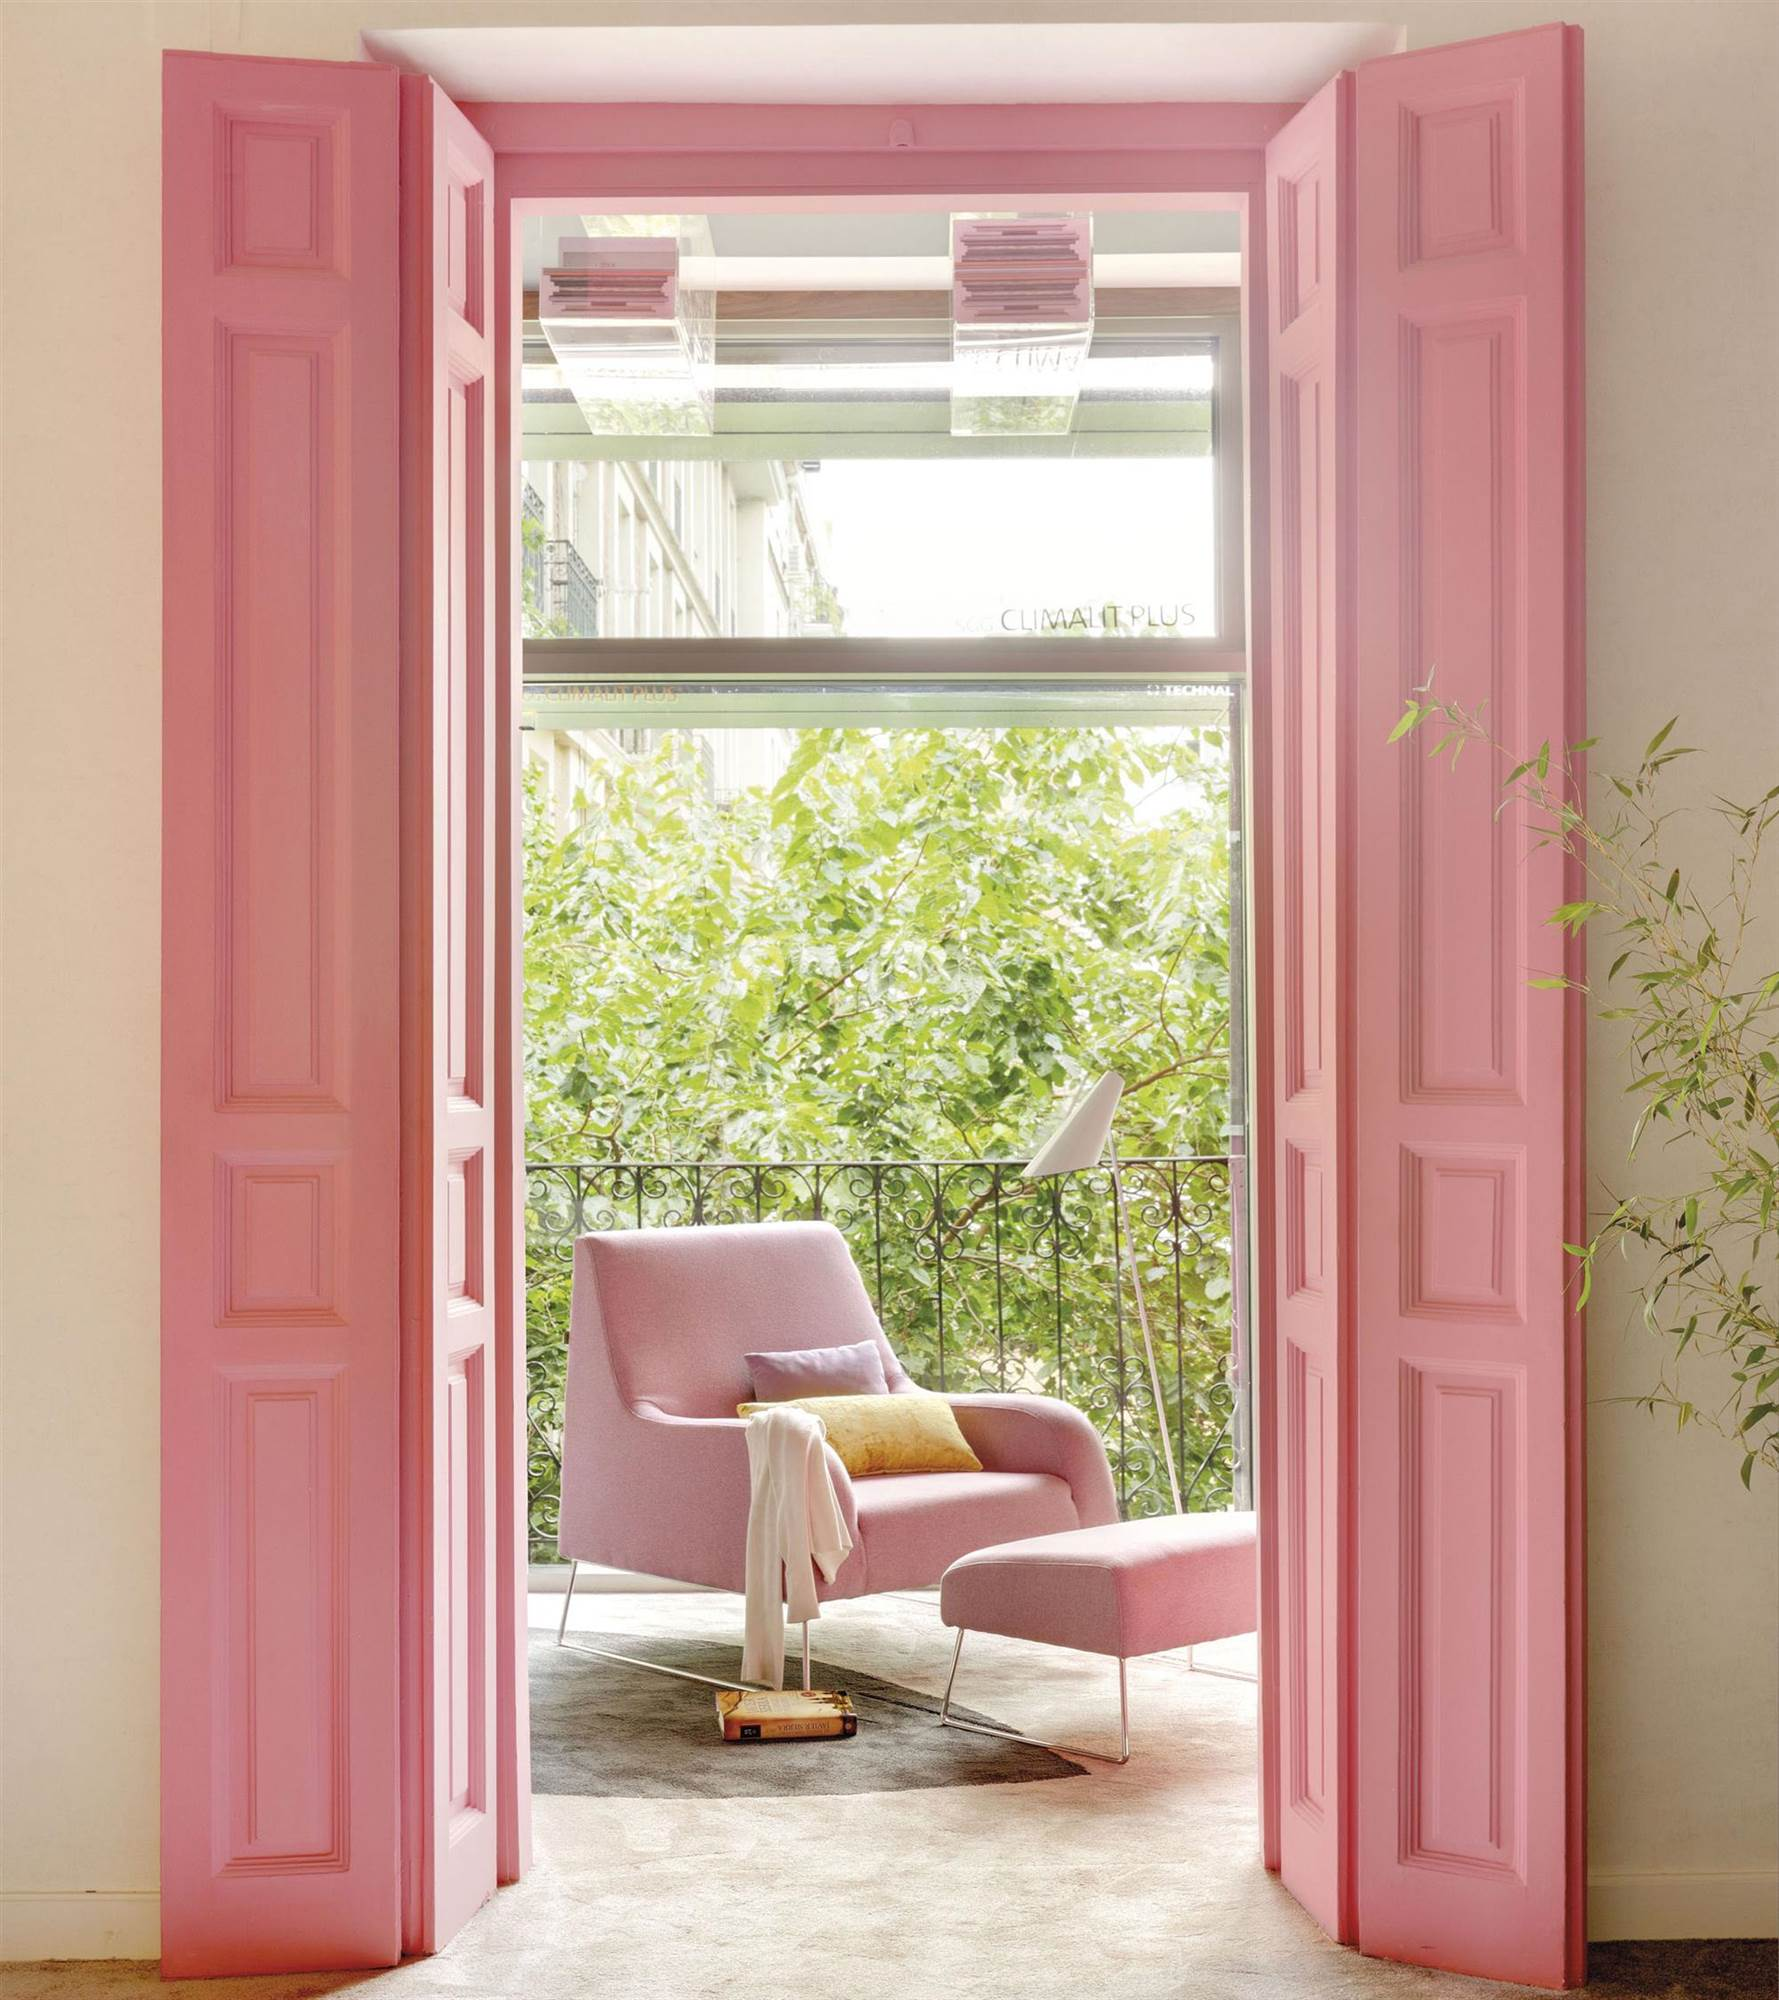 Rosa 00332125. cómo decorar con el color rosa 00332125